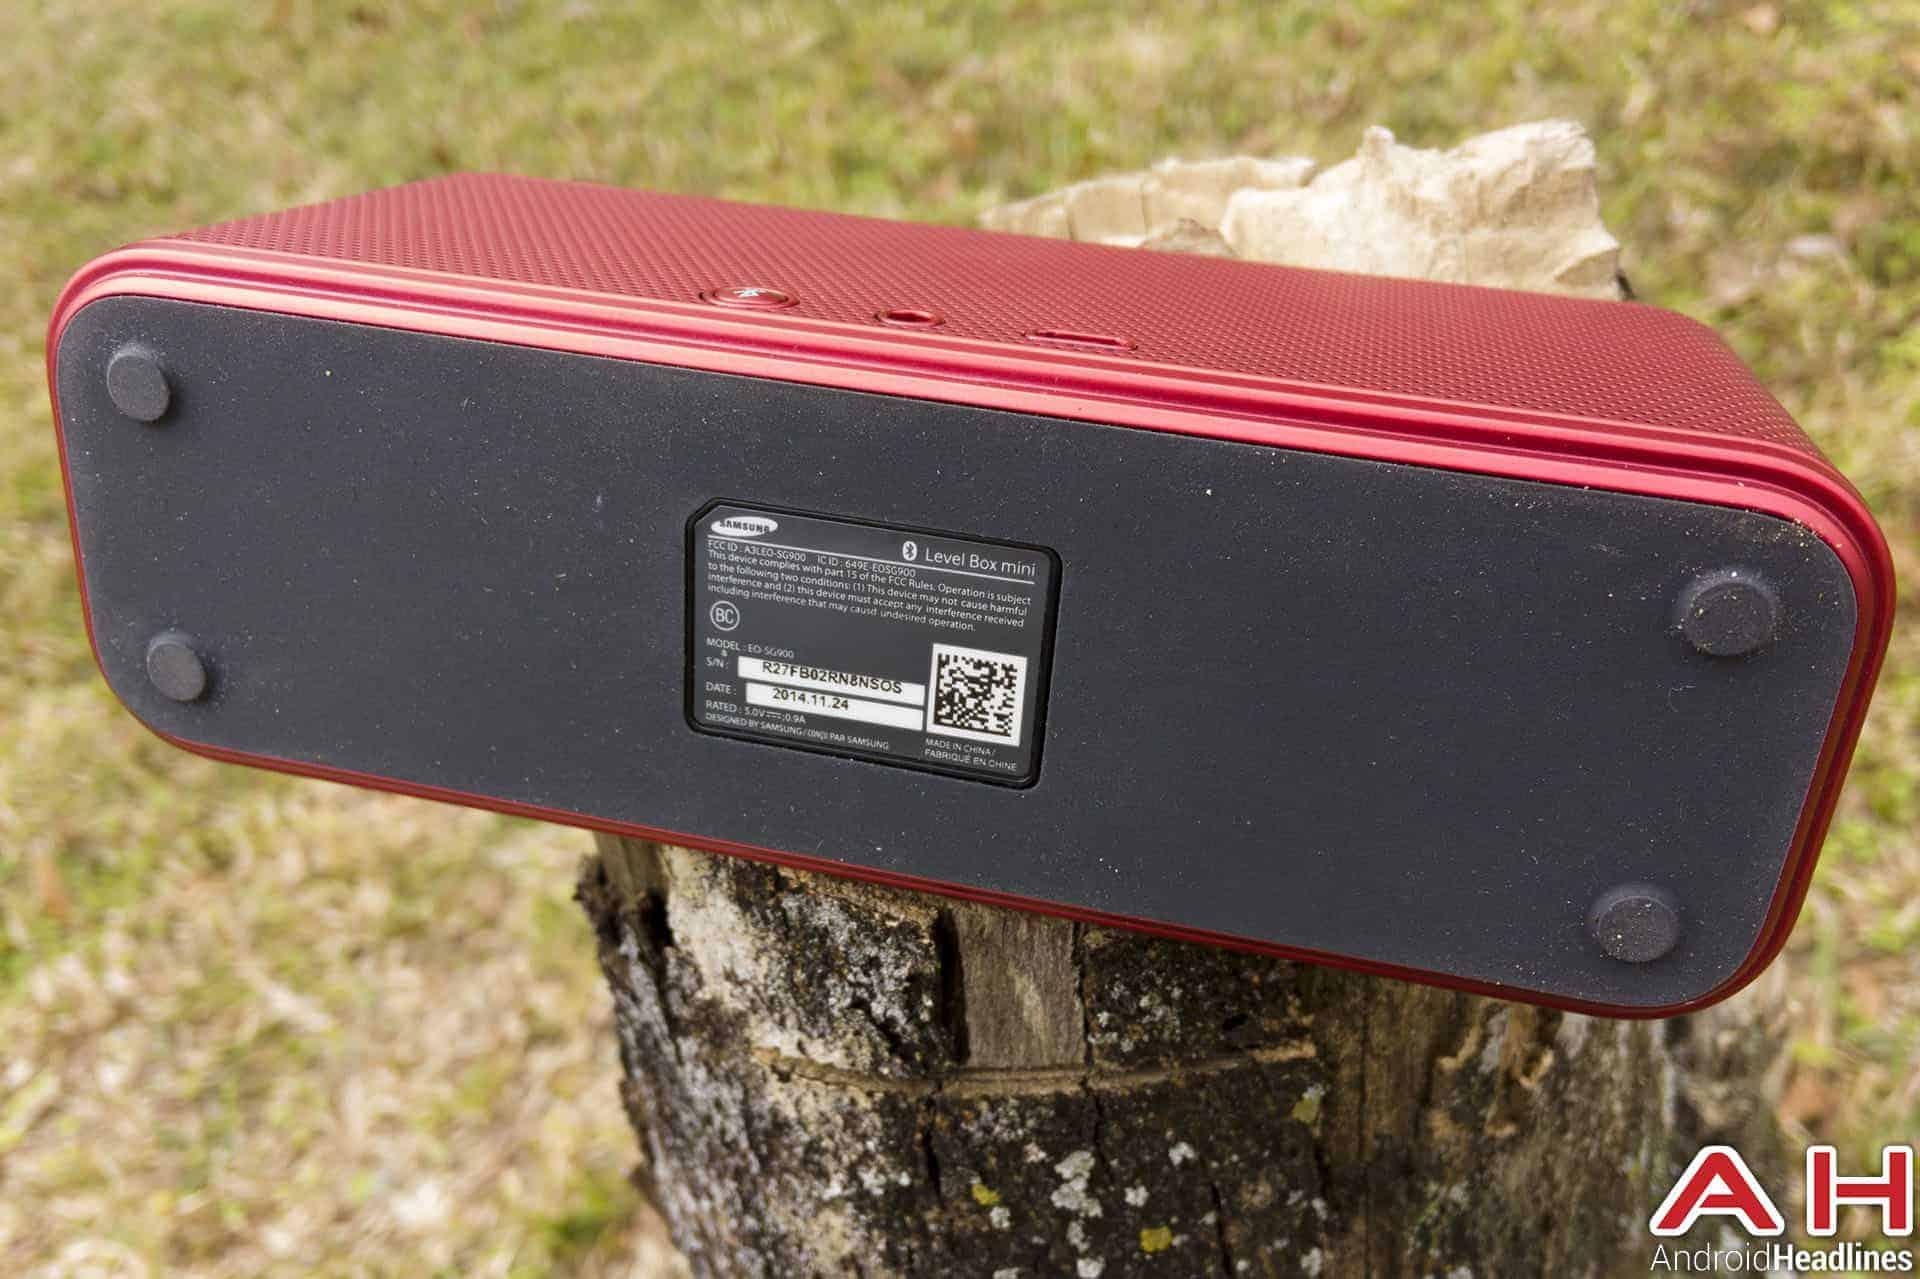 Samsung Level Box Mini 05